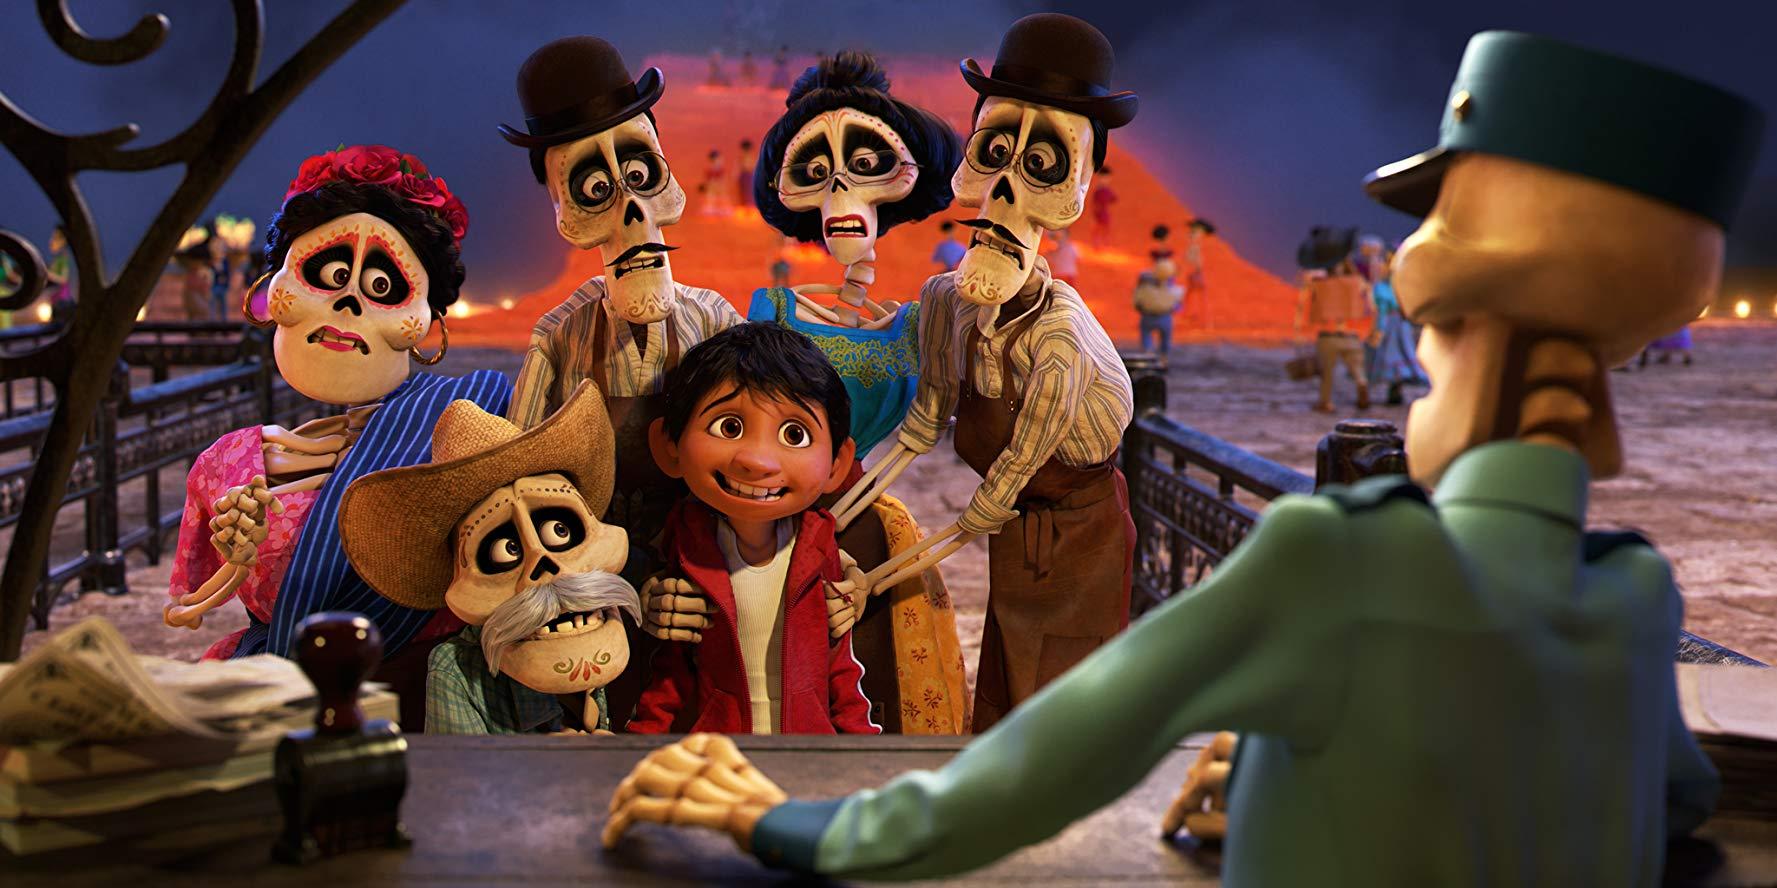 Reseña de la película Coco de Disney Pixar